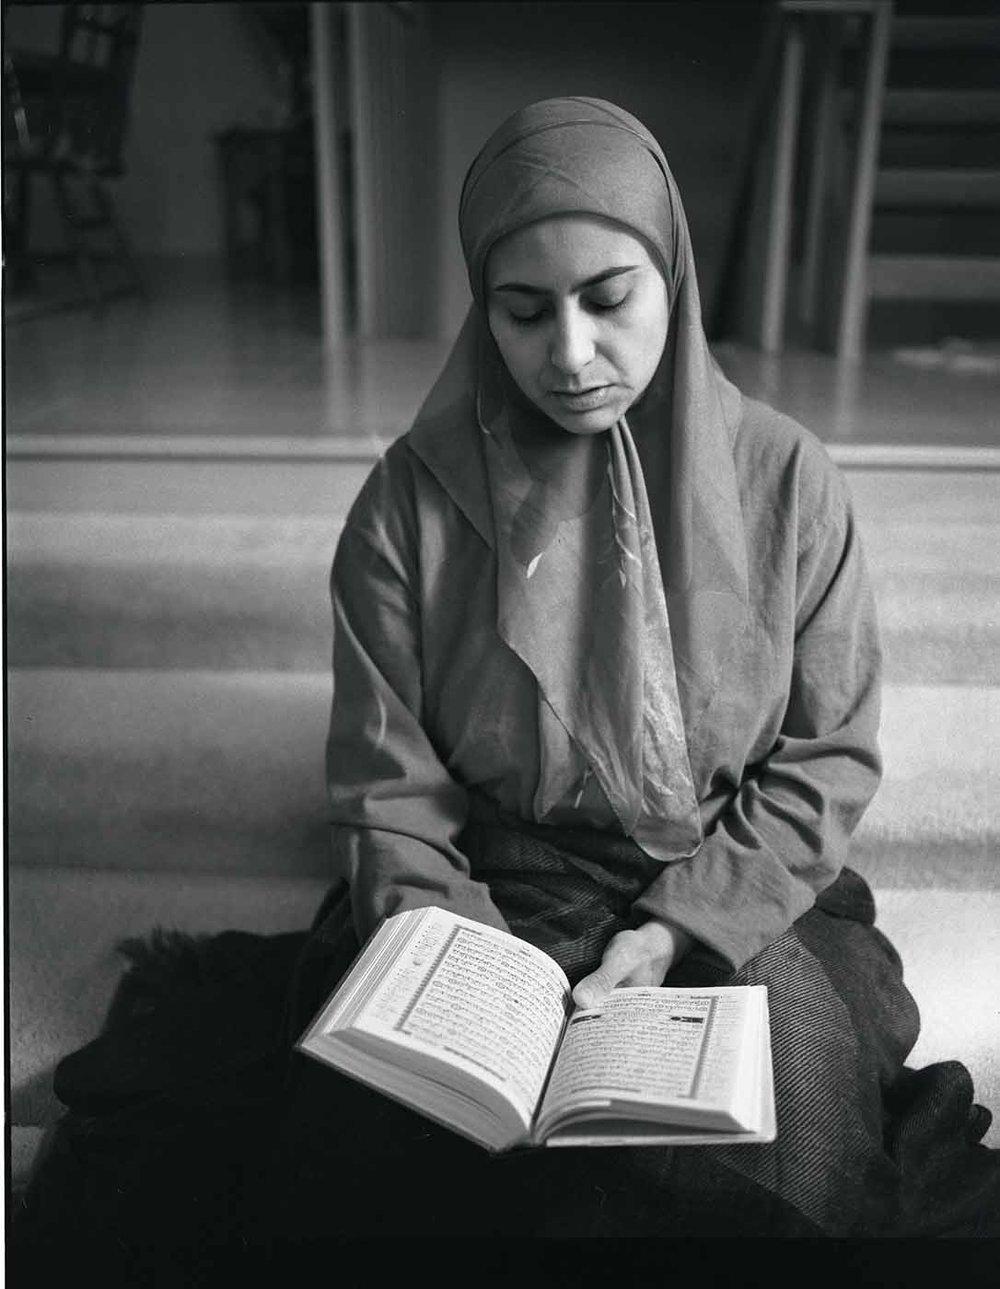 mommy reading quran.jpg